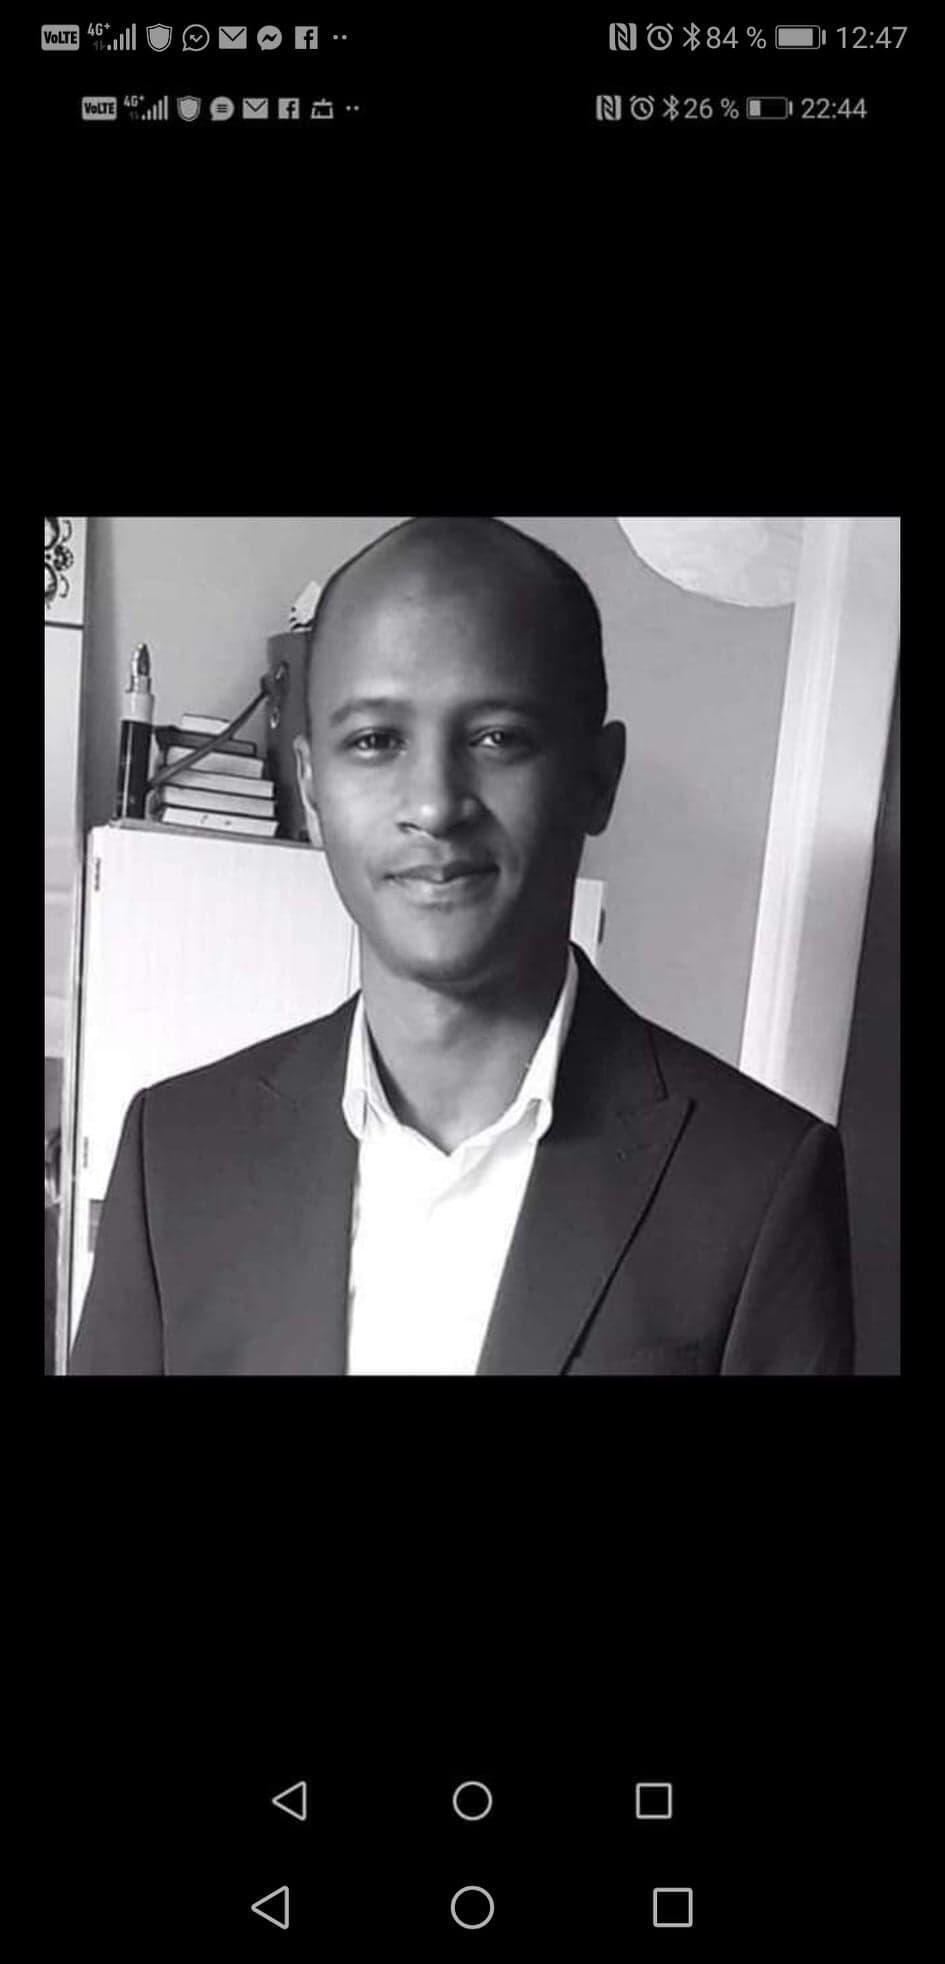 Mamoudou Barry,docente-investigador agredido mortalmente no dia 19 de Julho em Rouen.